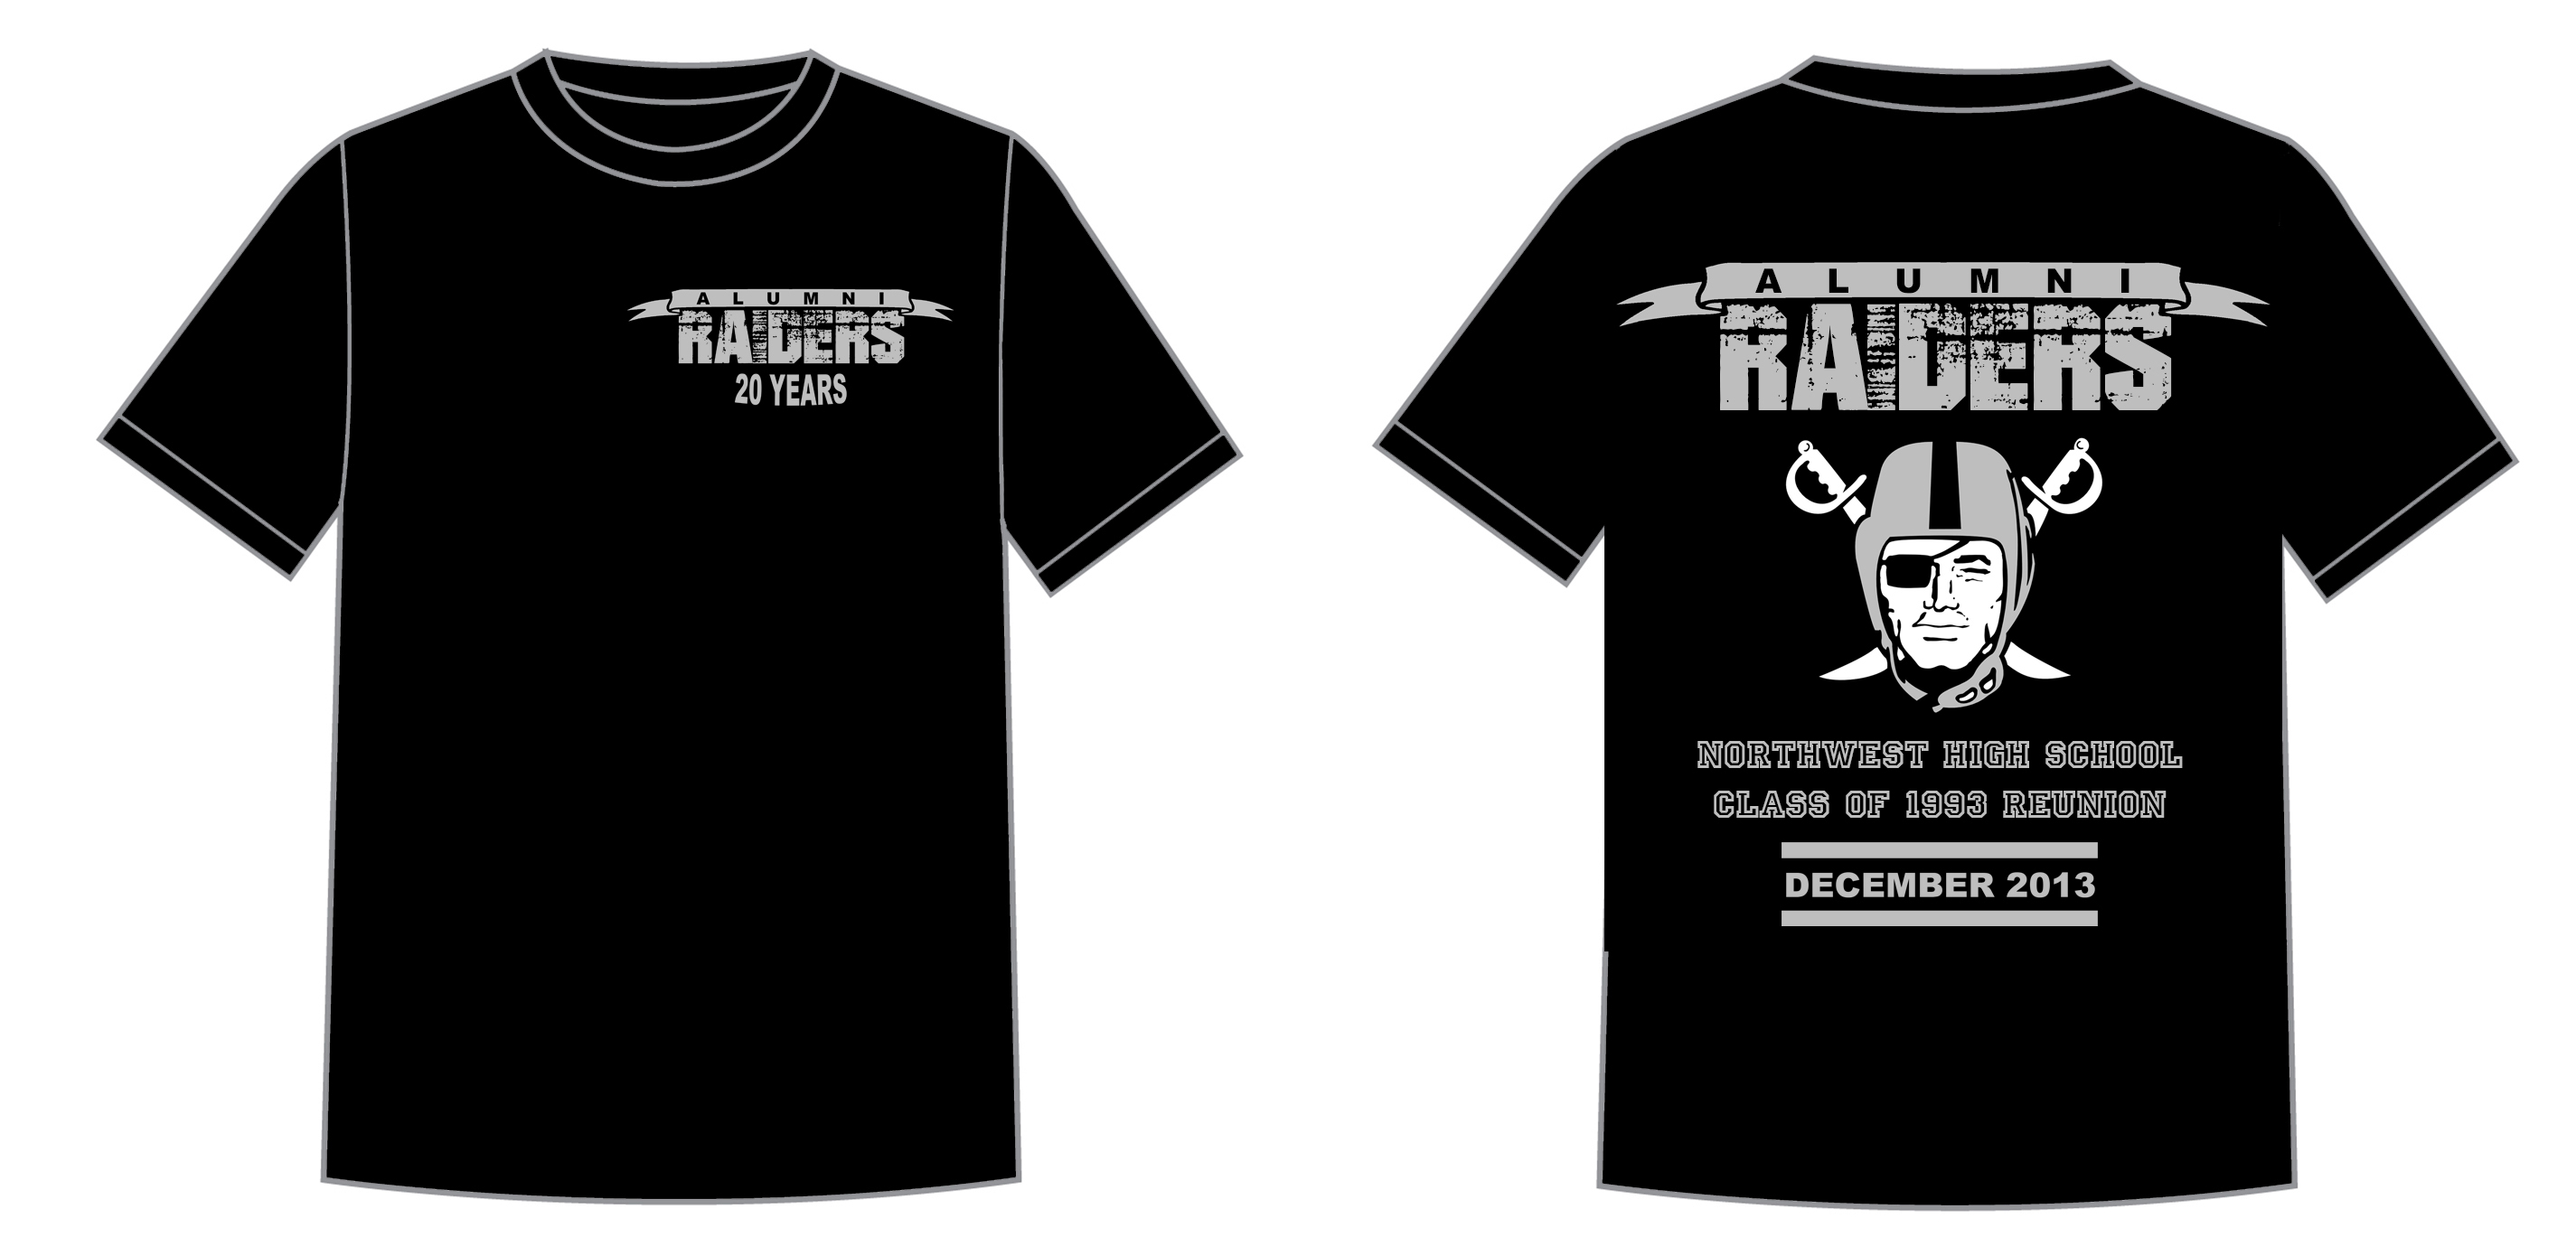 Joseph Sias T Shirt Design